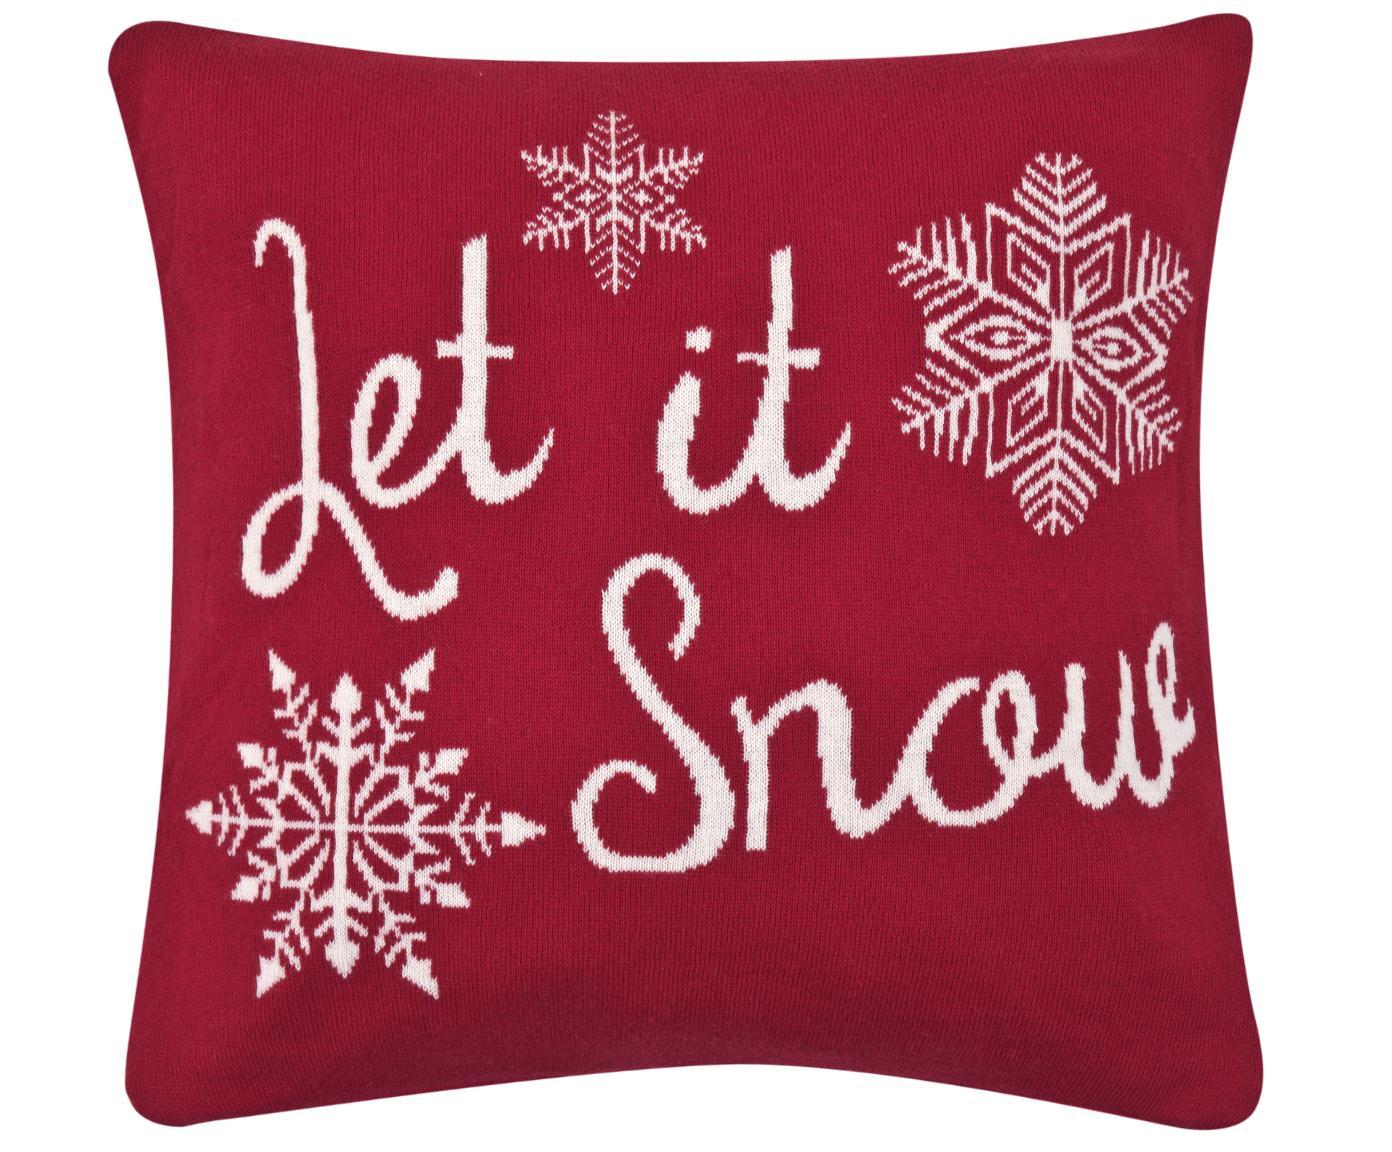 Strick-Kissenhülle Let it Snow in Rot/Weiß mit Schriftzug, Baumwolle, Rot, Cremeweiß, 40 x 40 cm